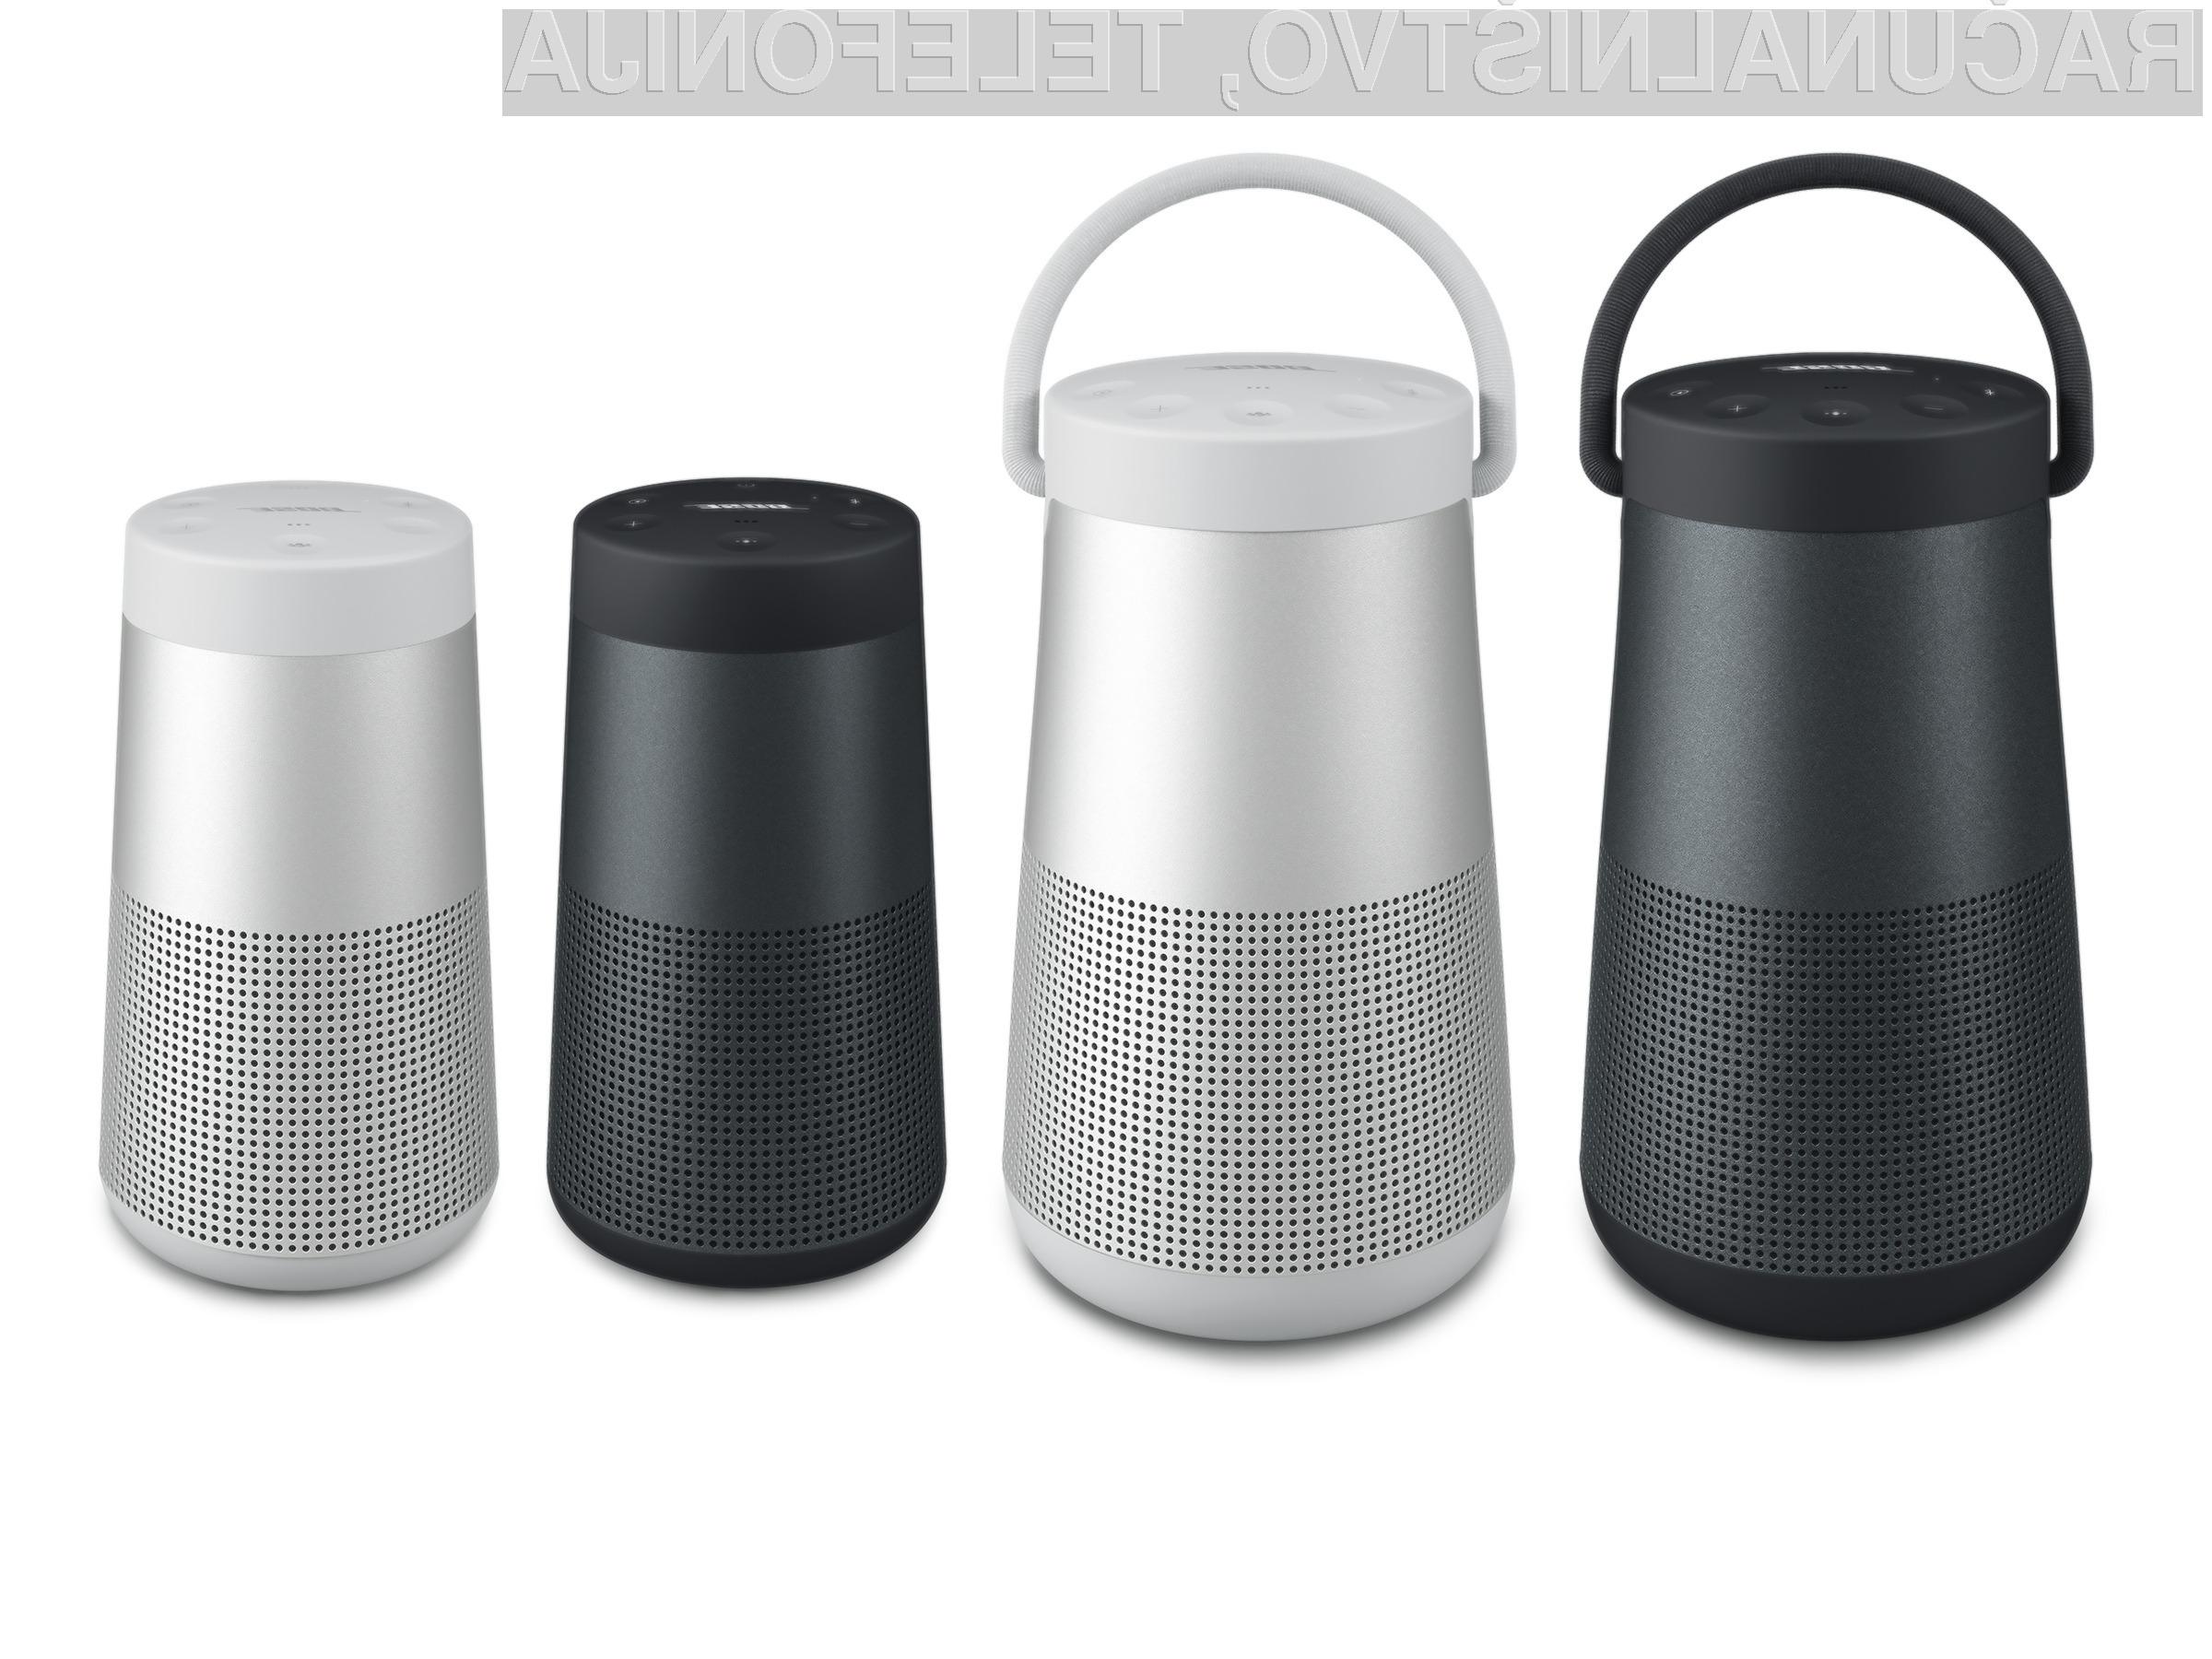 Bose SoundLink Revolve in Bose SoundLink Revolve Plus